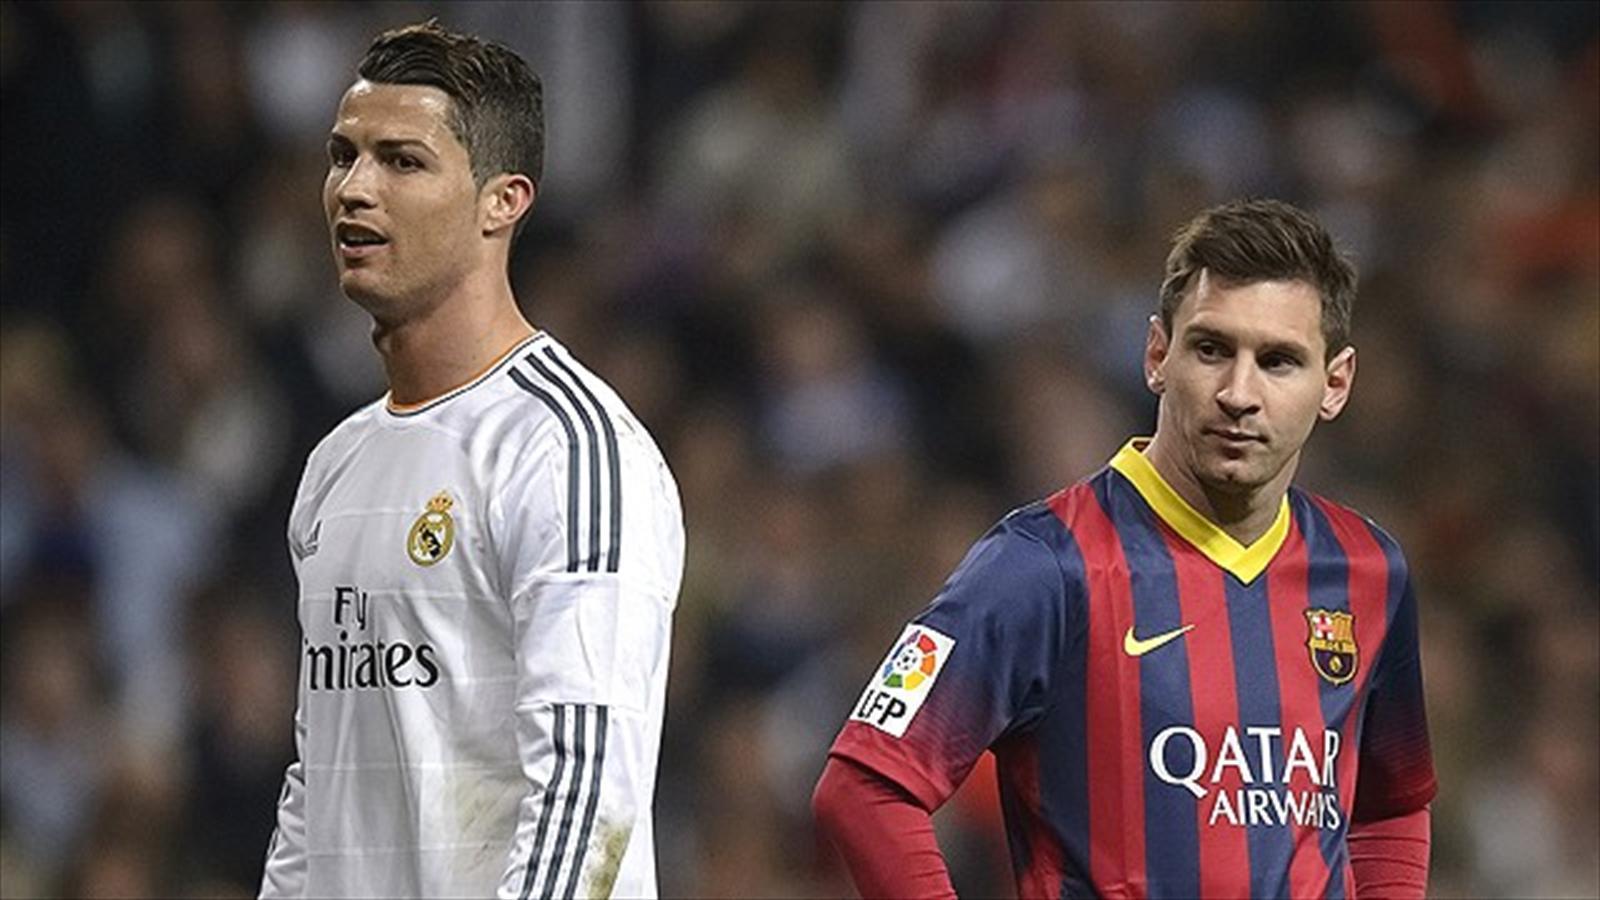 Ballon d'Or 2014 : Ronaldo - Messi, une rivalité unique en son genre dans l'histoire du football